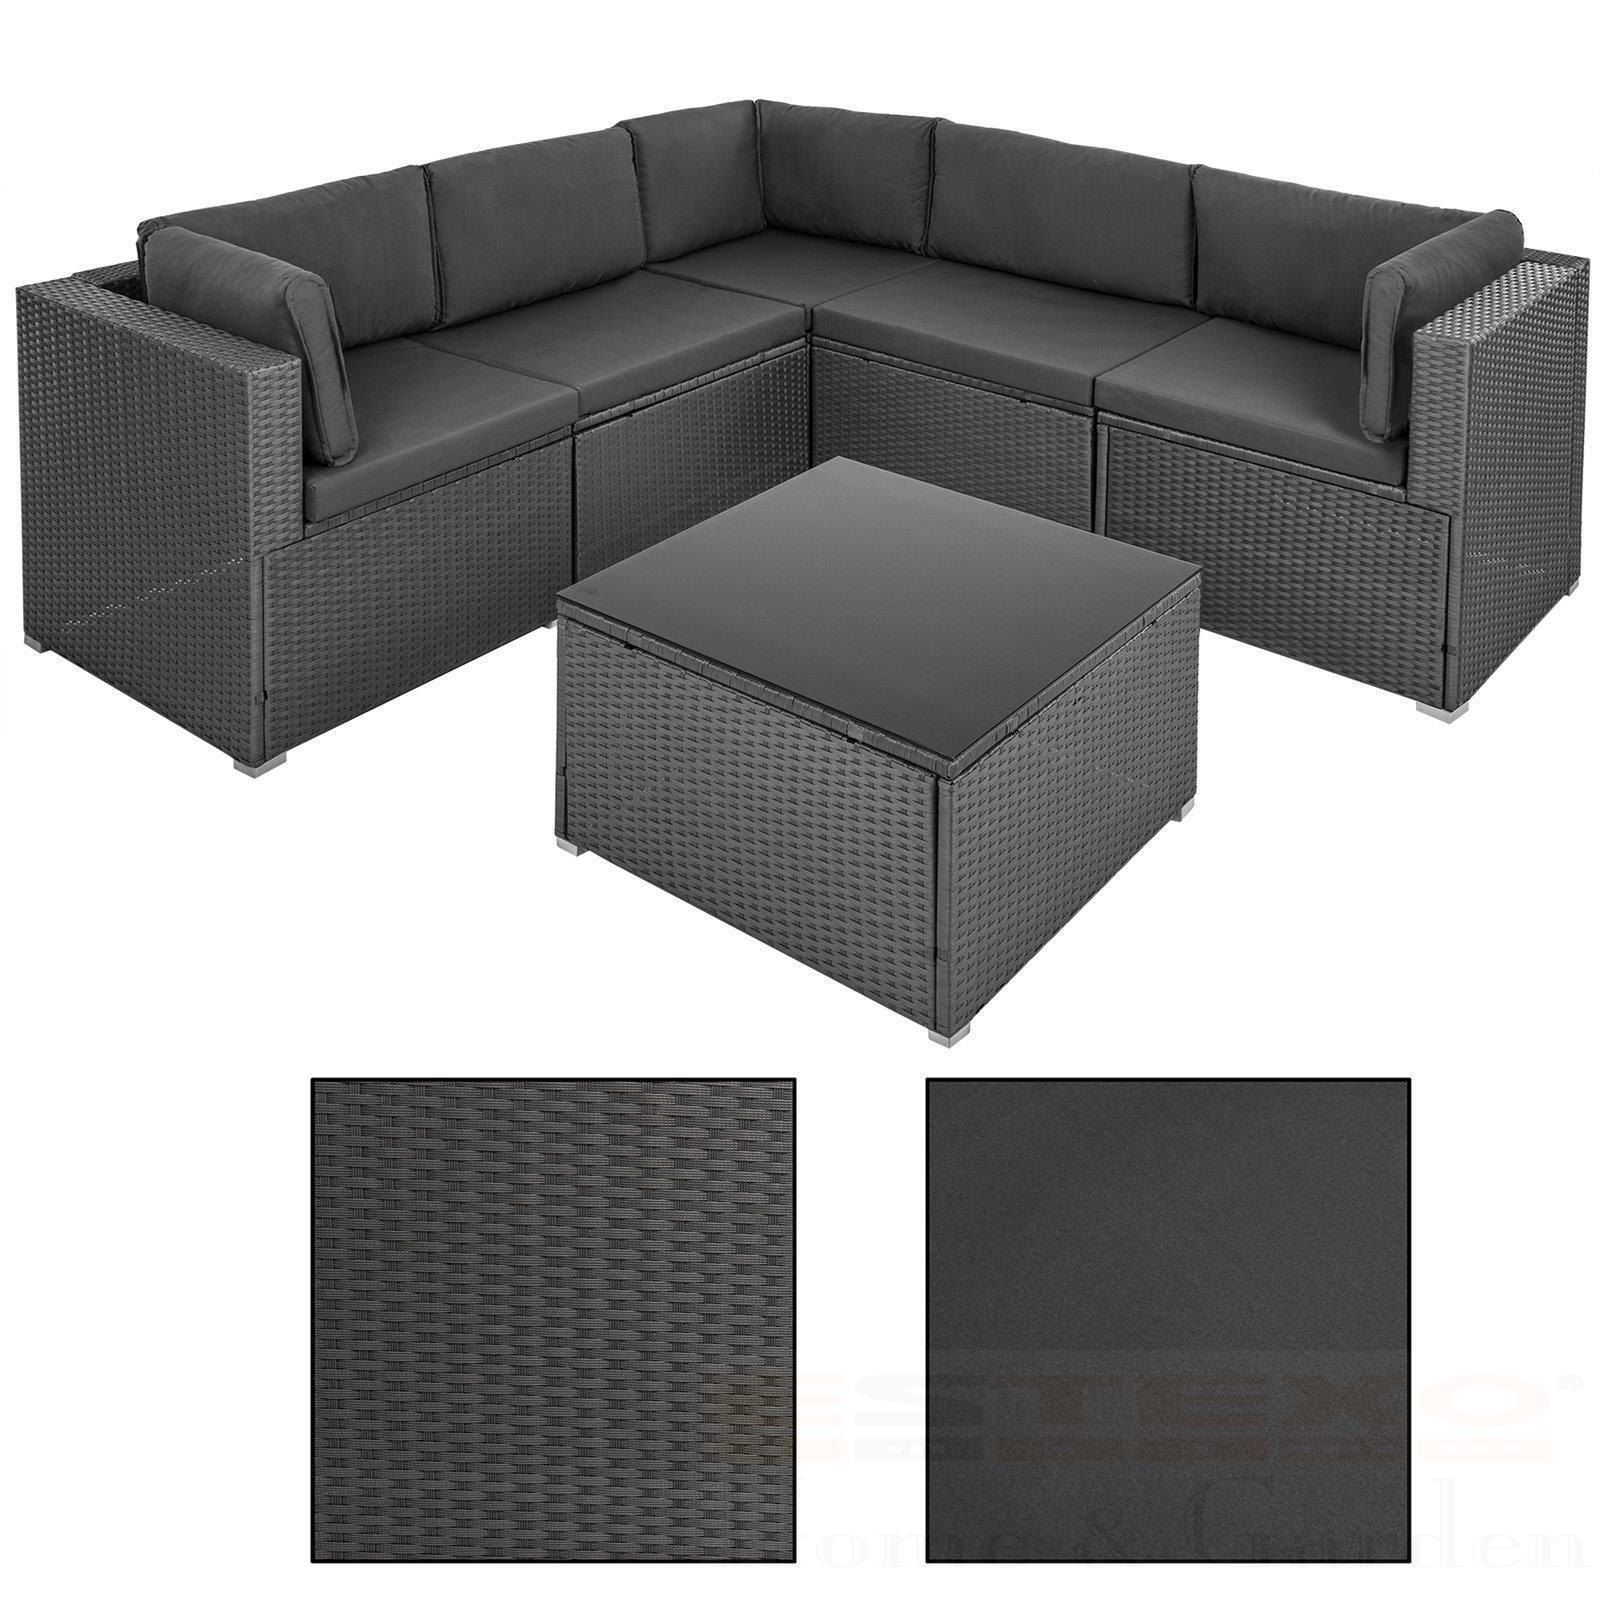 Luxus Polyrattan Lounge Set Grau Anhrazit Garnitur Gartenmöbel Sitzgruppe  Rattan